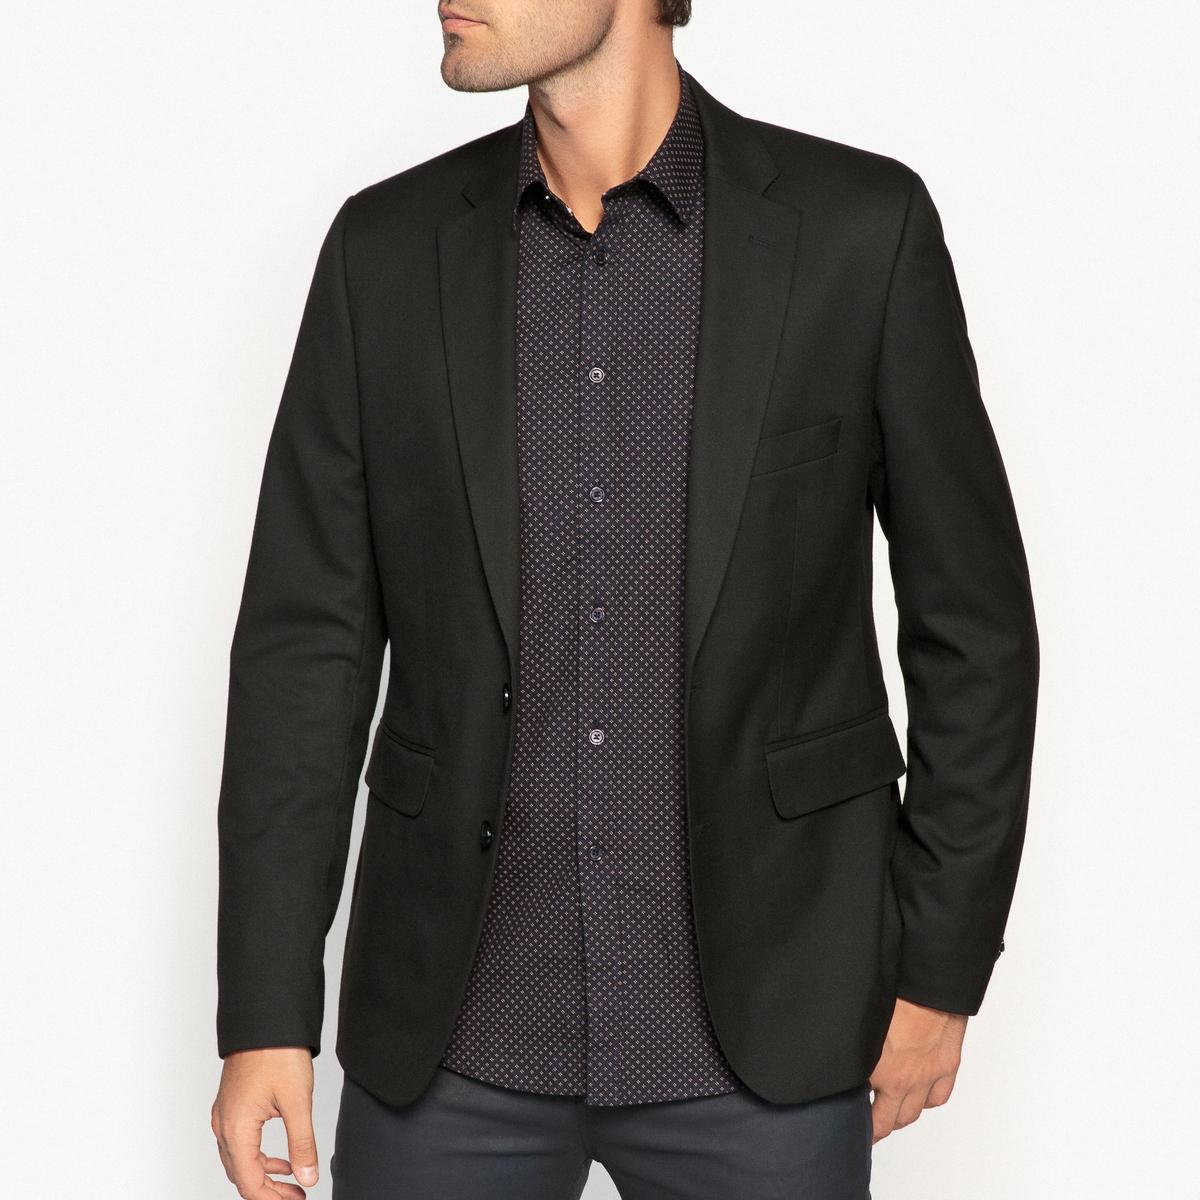 Пиджак костюмный покроя слим zogaa кожа рукав соединения случайные слим мужской пиджак